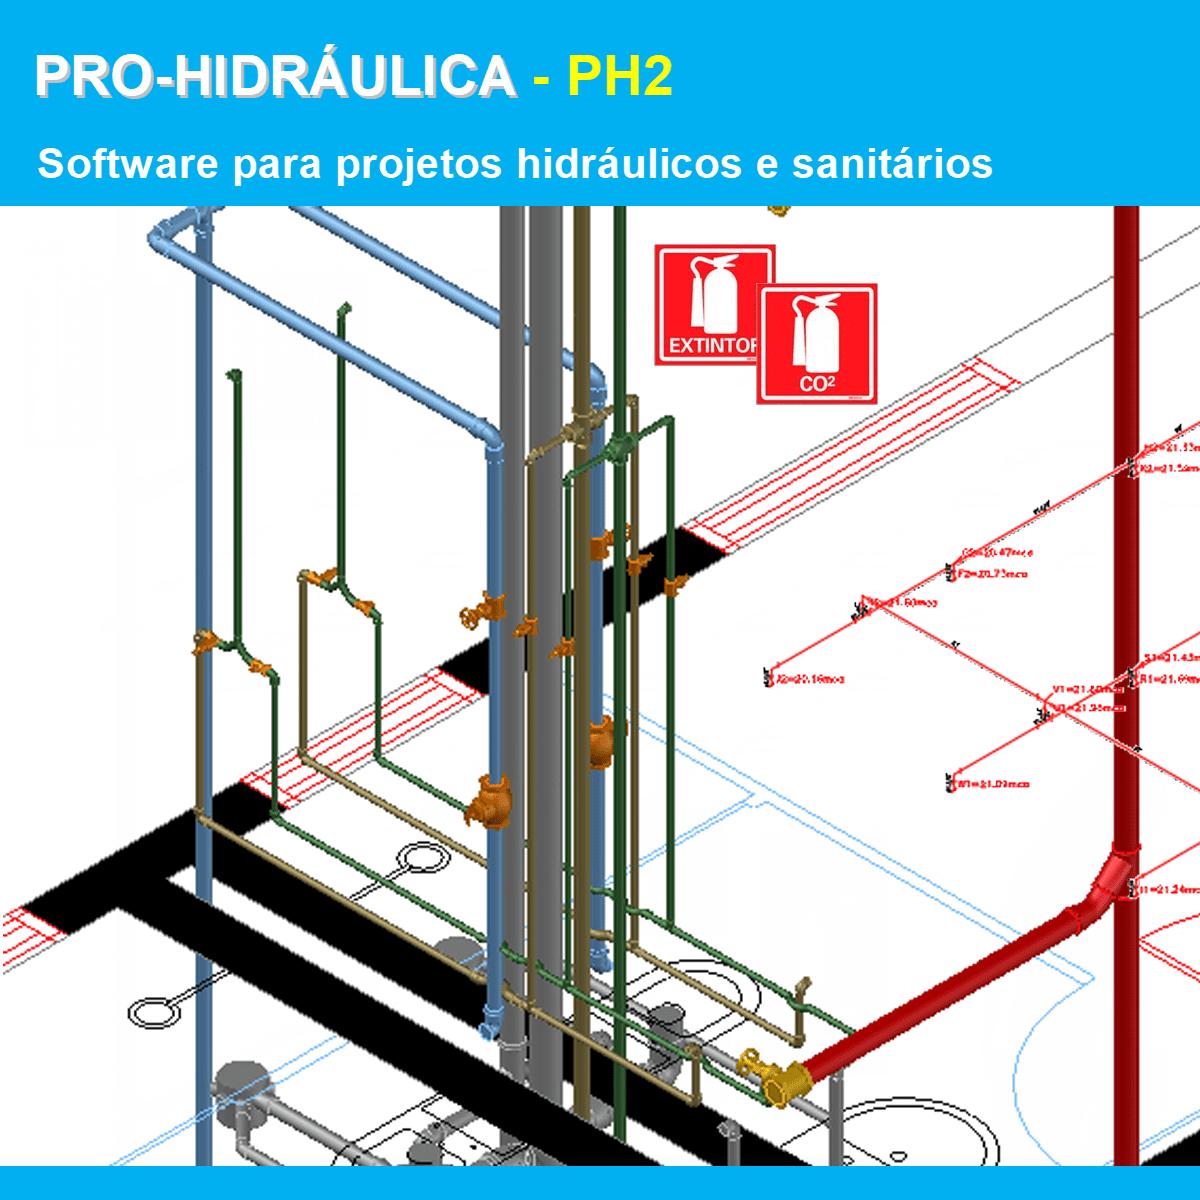 Software PRO-Hidraulica versão 18 Pacote PH2 incluindo Detalhamento, Dimensionamento e Incêndio  - MULTIPLUS SOFTWARES